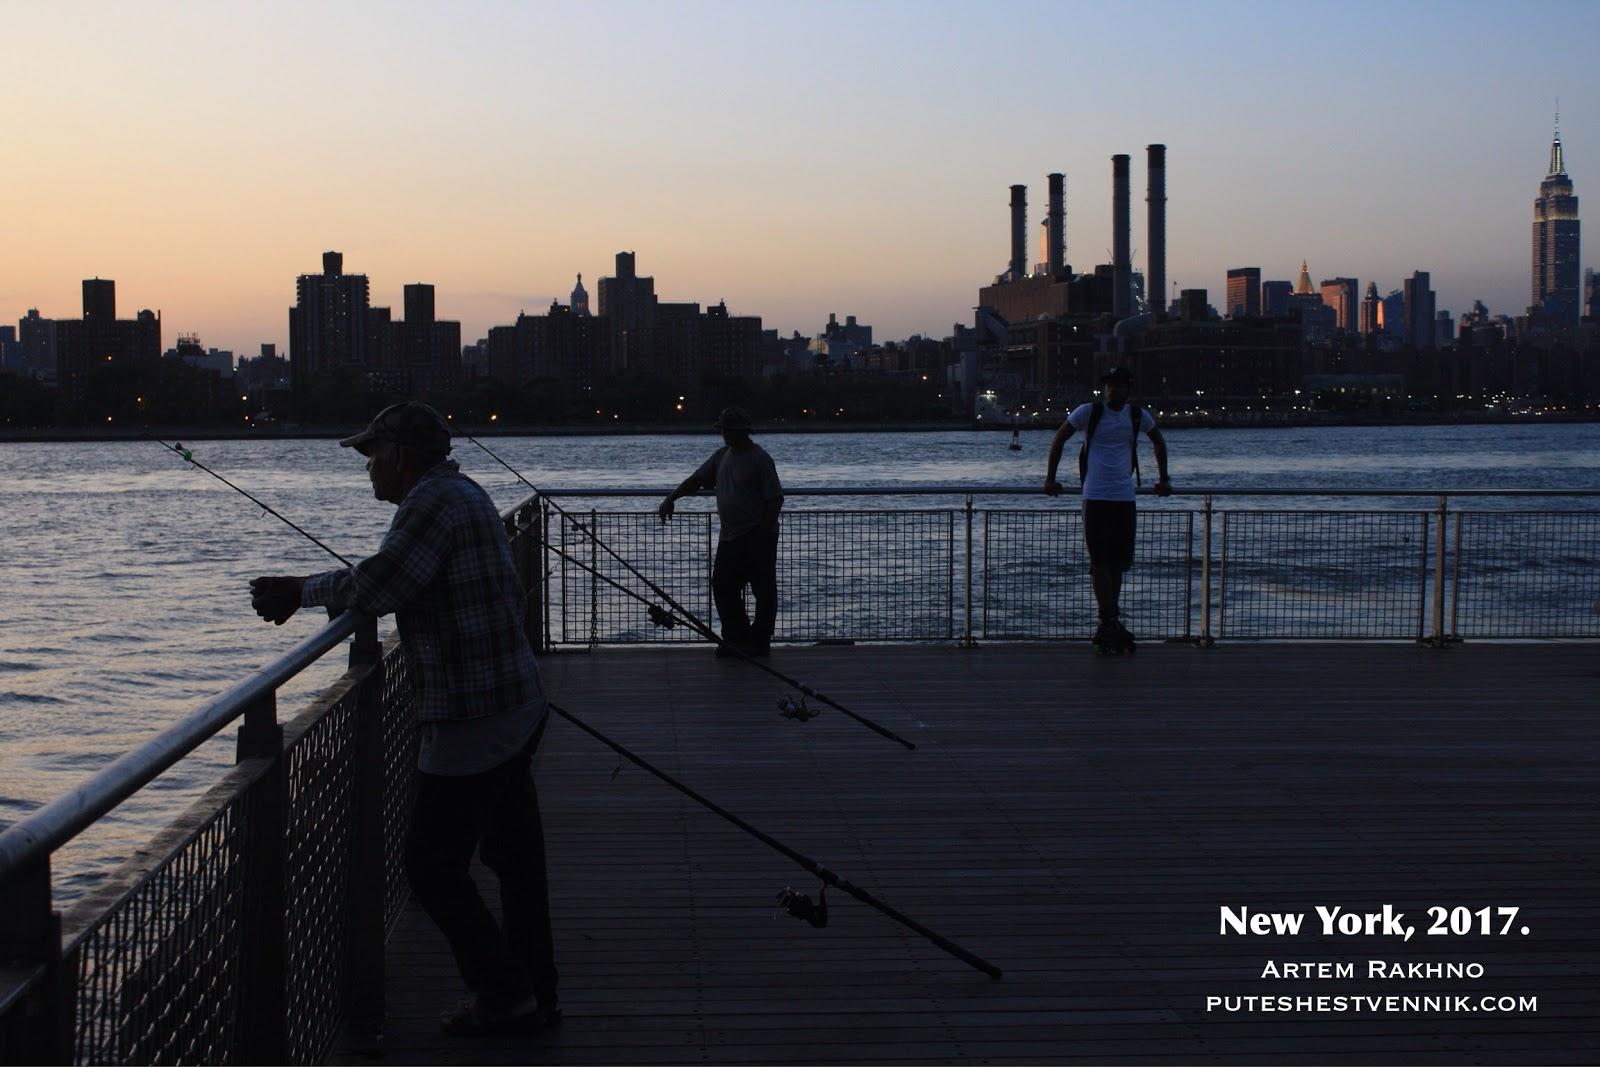 Рыбаки в Нью-Йорке